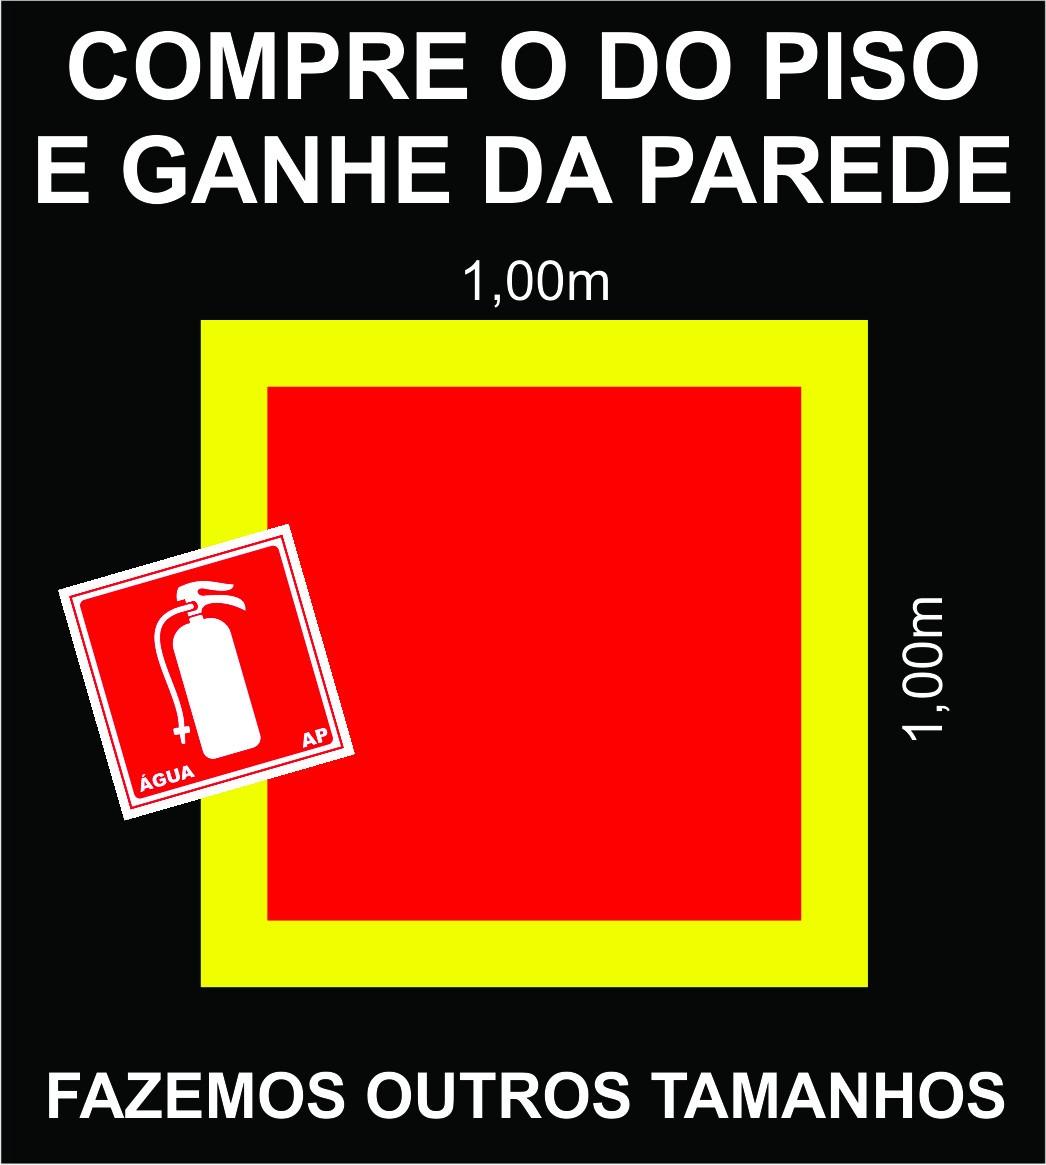 Armario Definición Rae ~ Sinalizaç u00e3o Piso Extintor De Inc u00eandio + Brinde Menor Custo R$ 44,90 em Mercado Livre